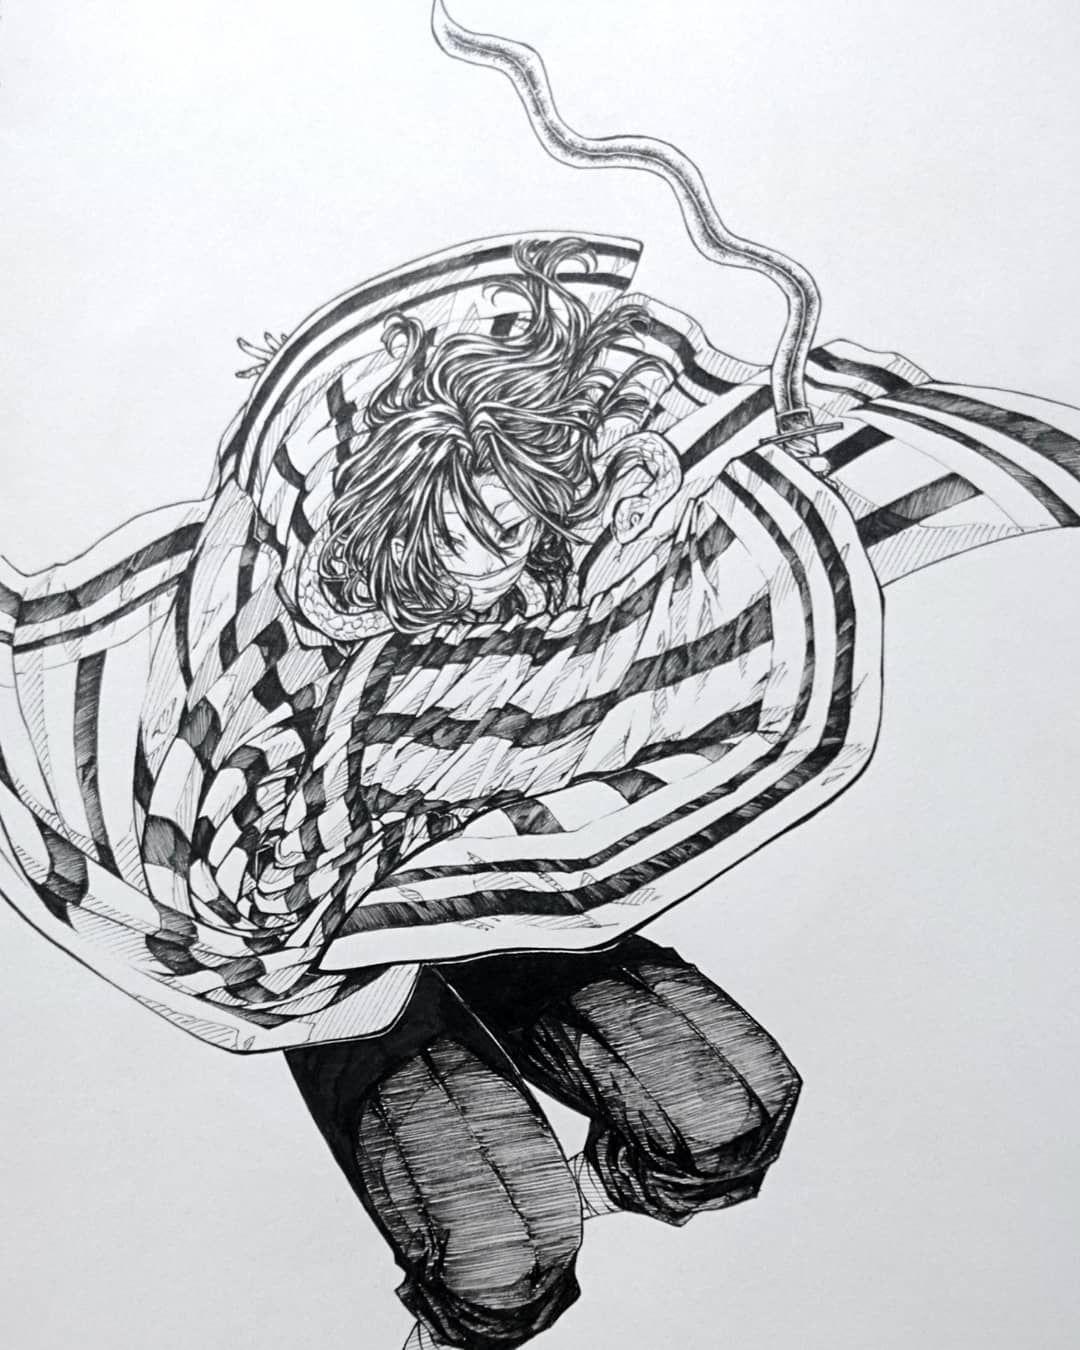 白黒 鬼 刃 イラスト の 滅